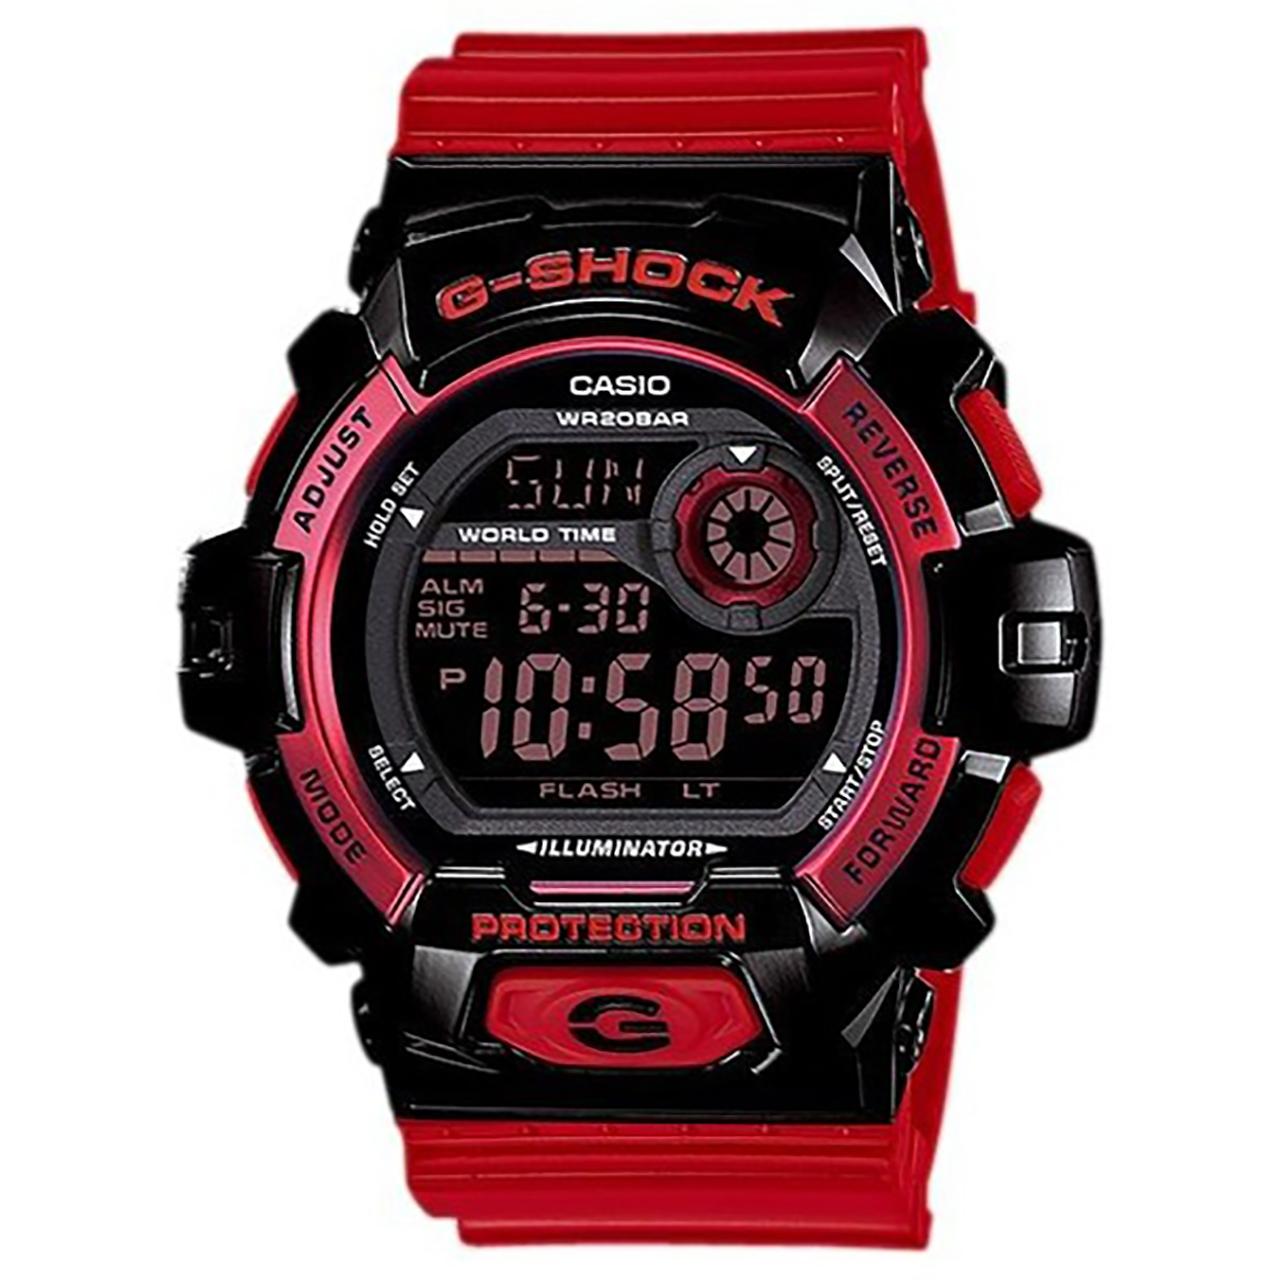 ساعت مچی دیجیتالی مردانه کاسیو جی شاک مدل G-8900SC-1RDR 32